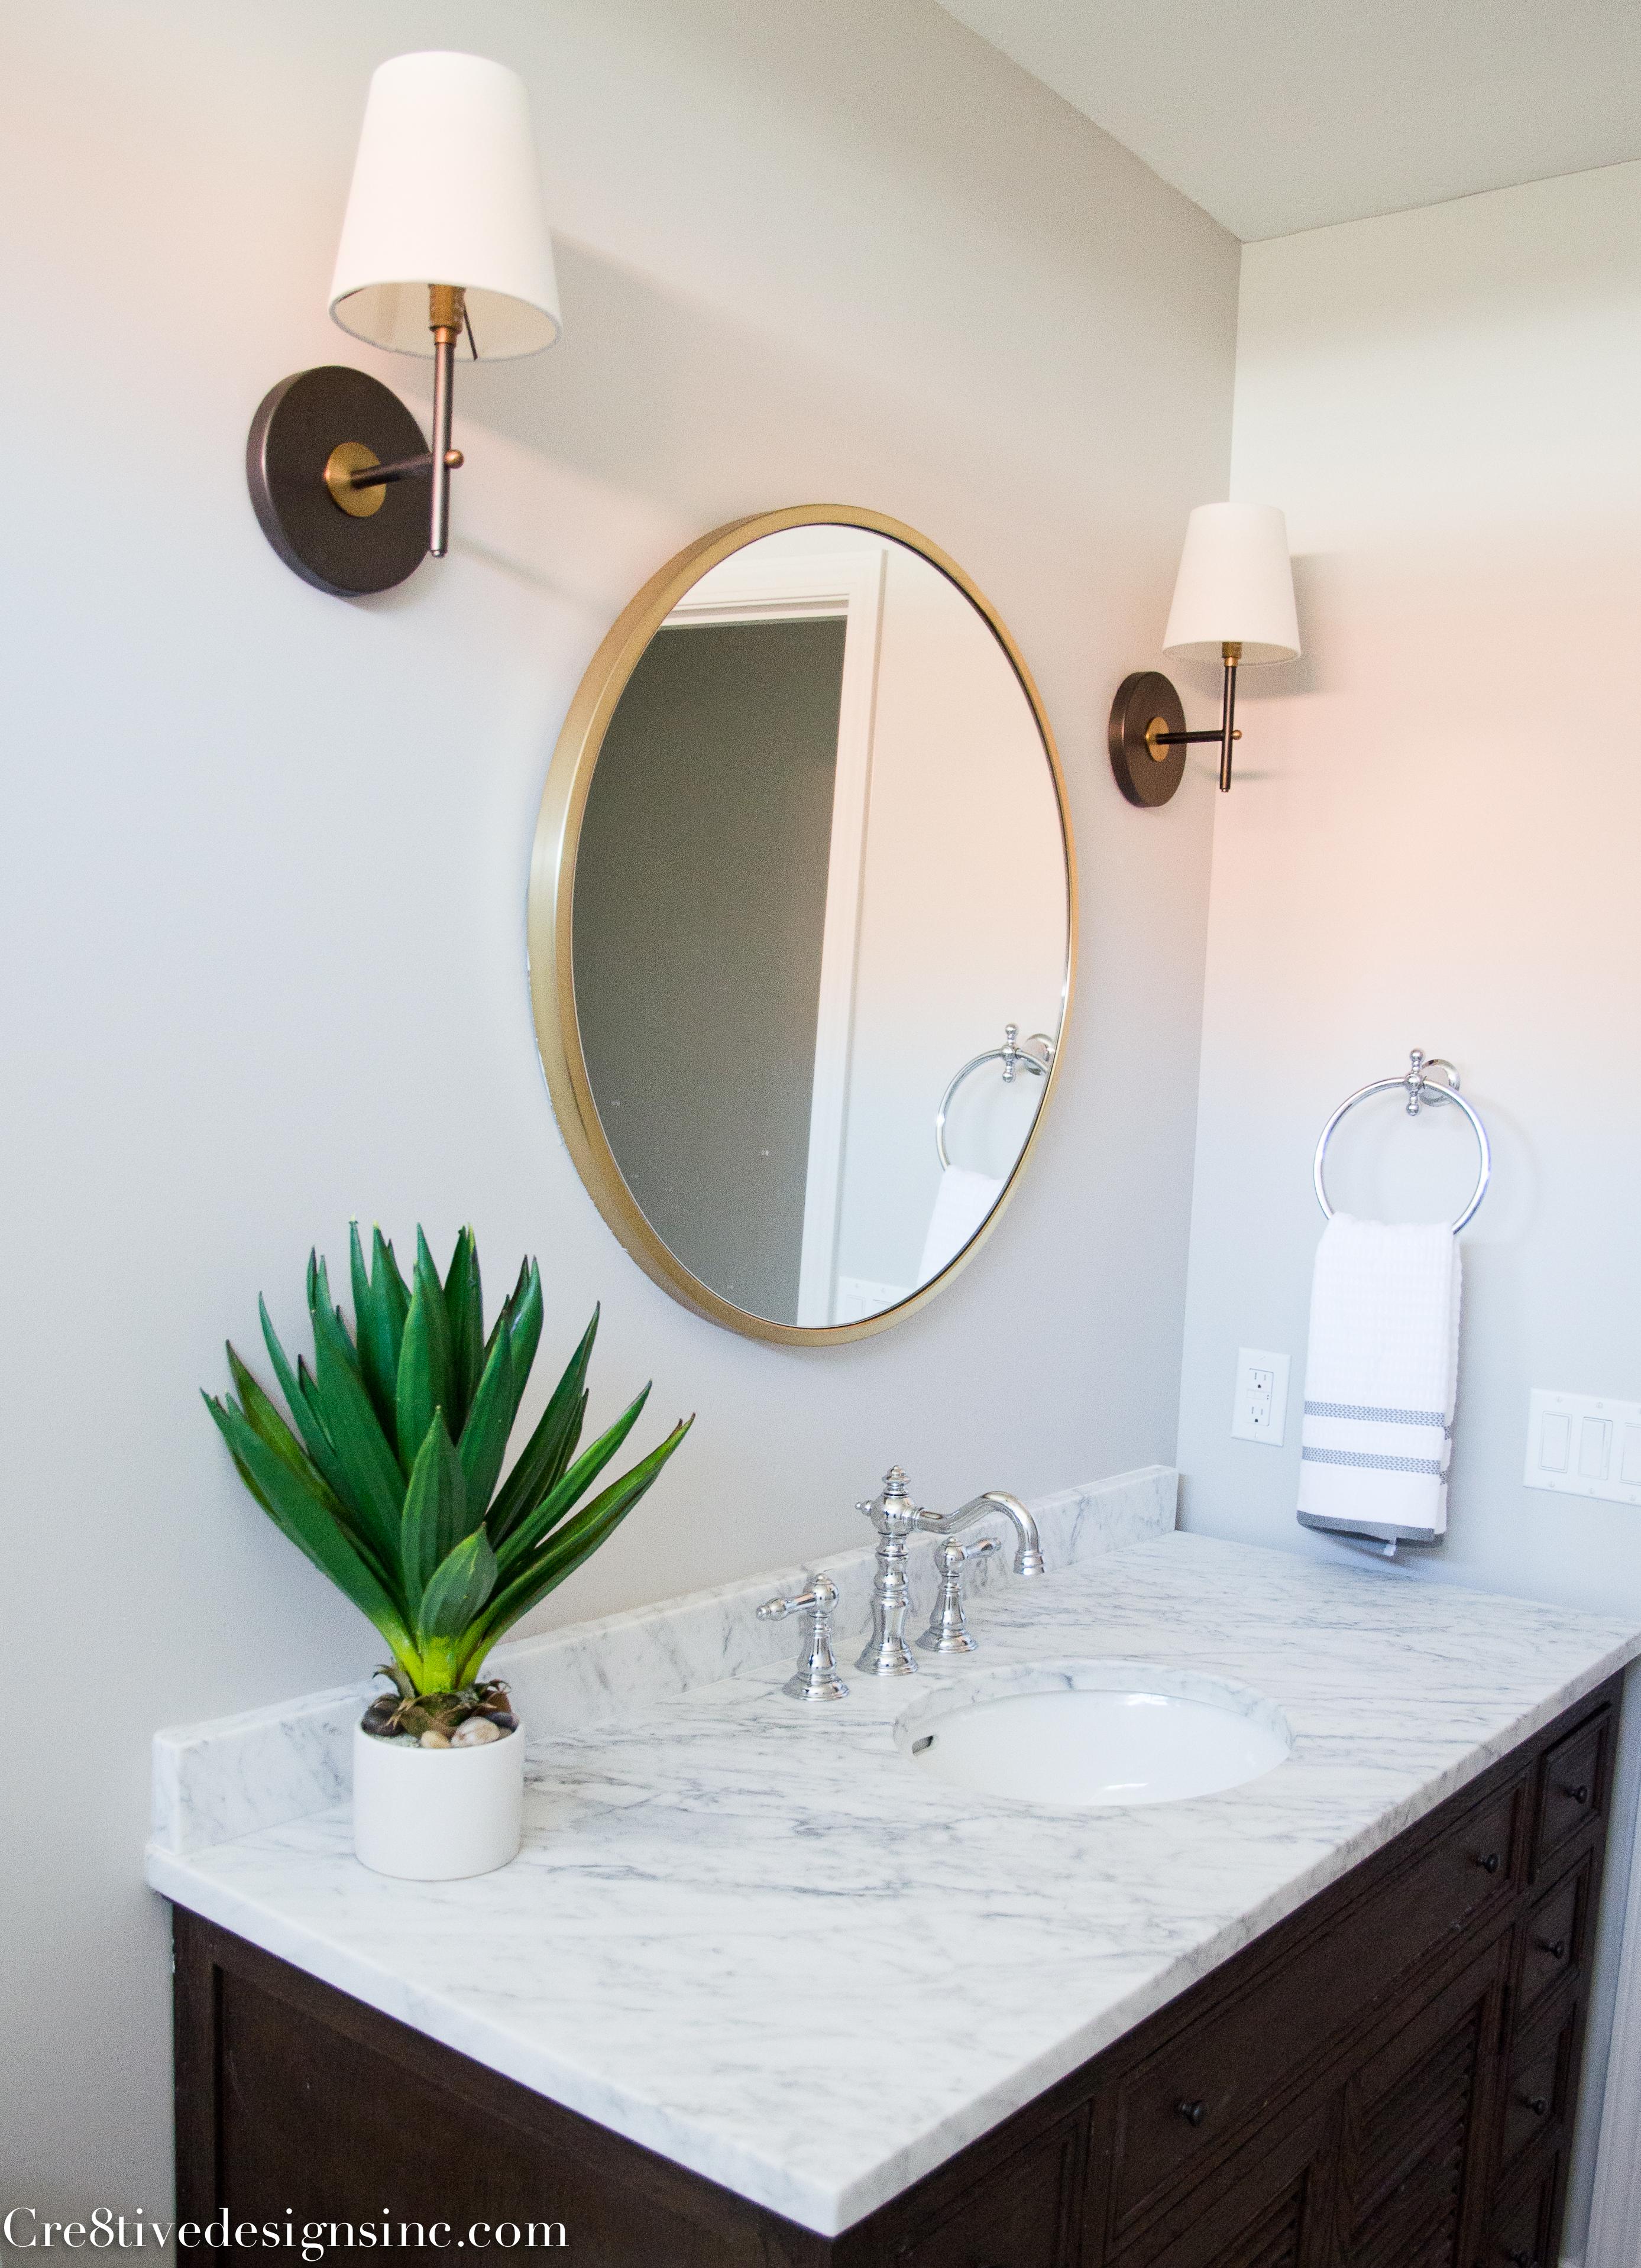 Cute Bathroom remodel